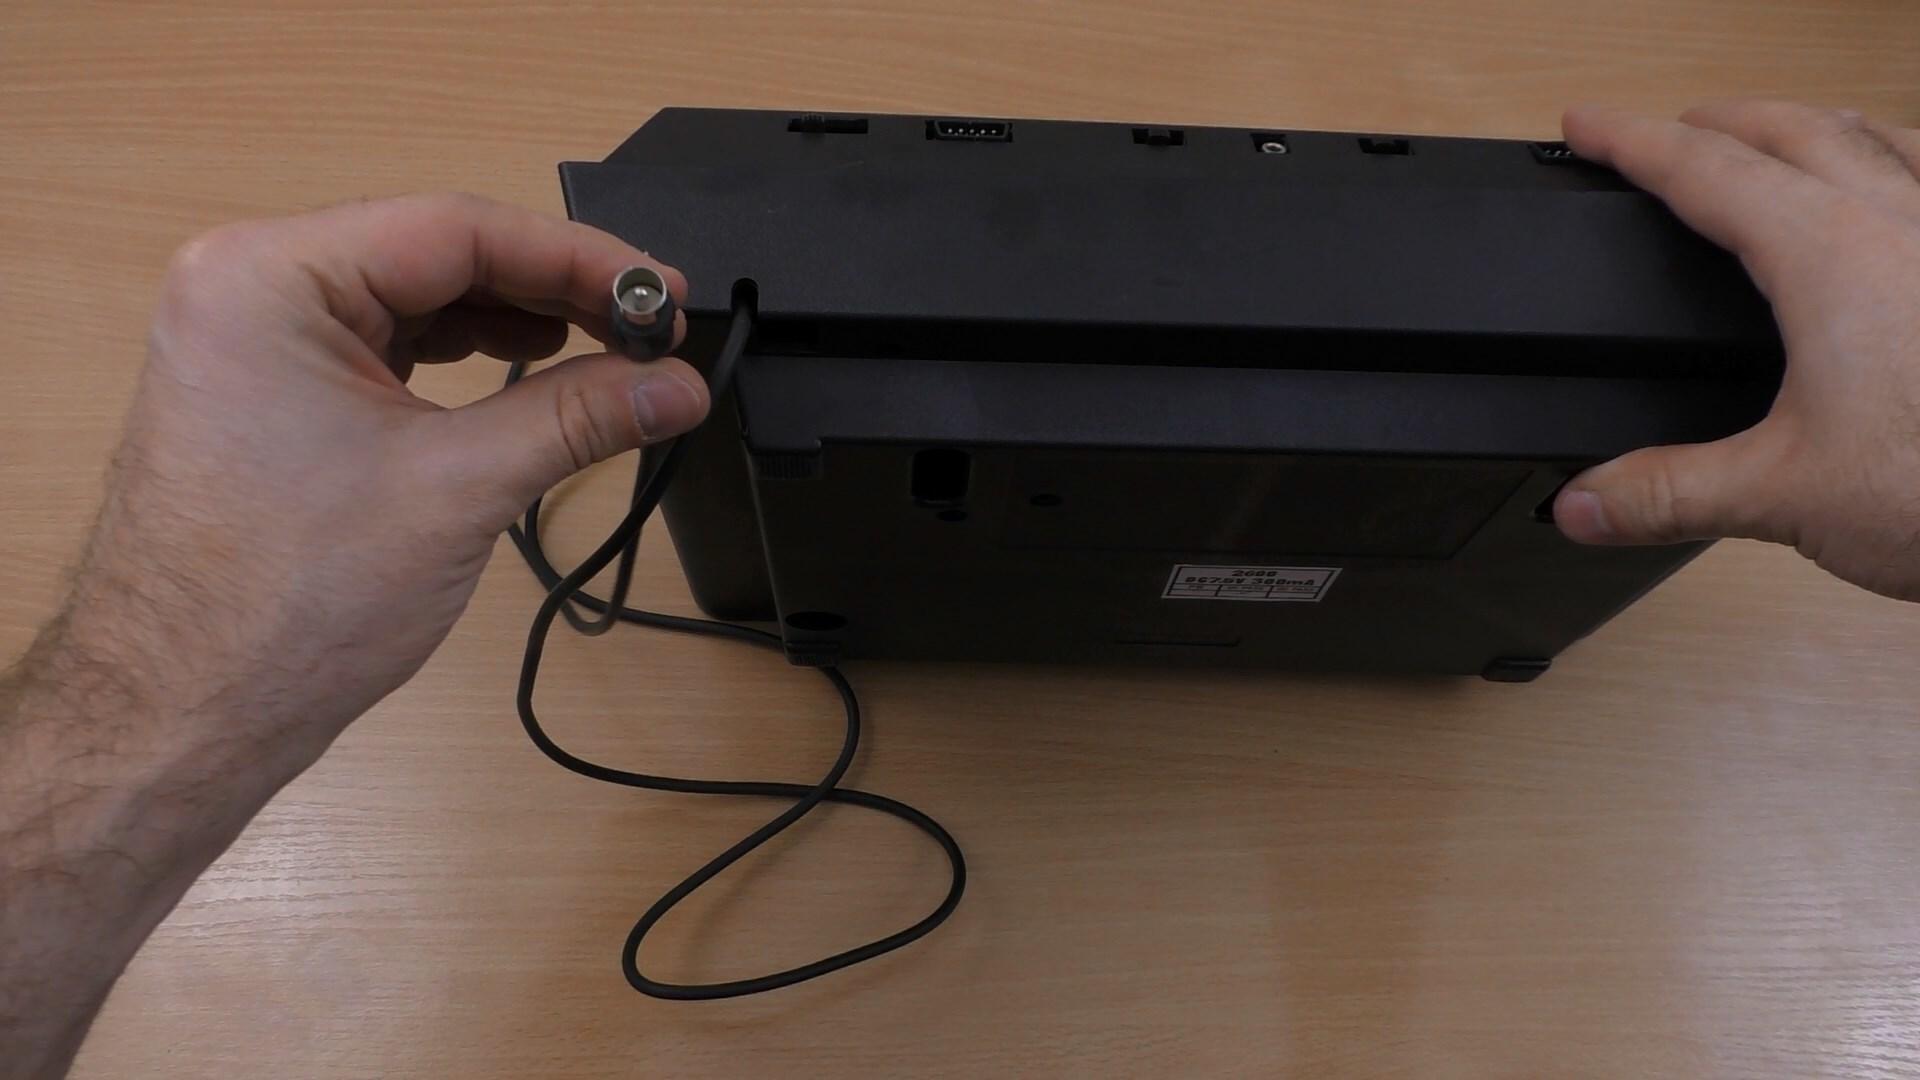 Rambo TV Games (Atari 2600) [статья с кучей фото и капелькой видео] - 24